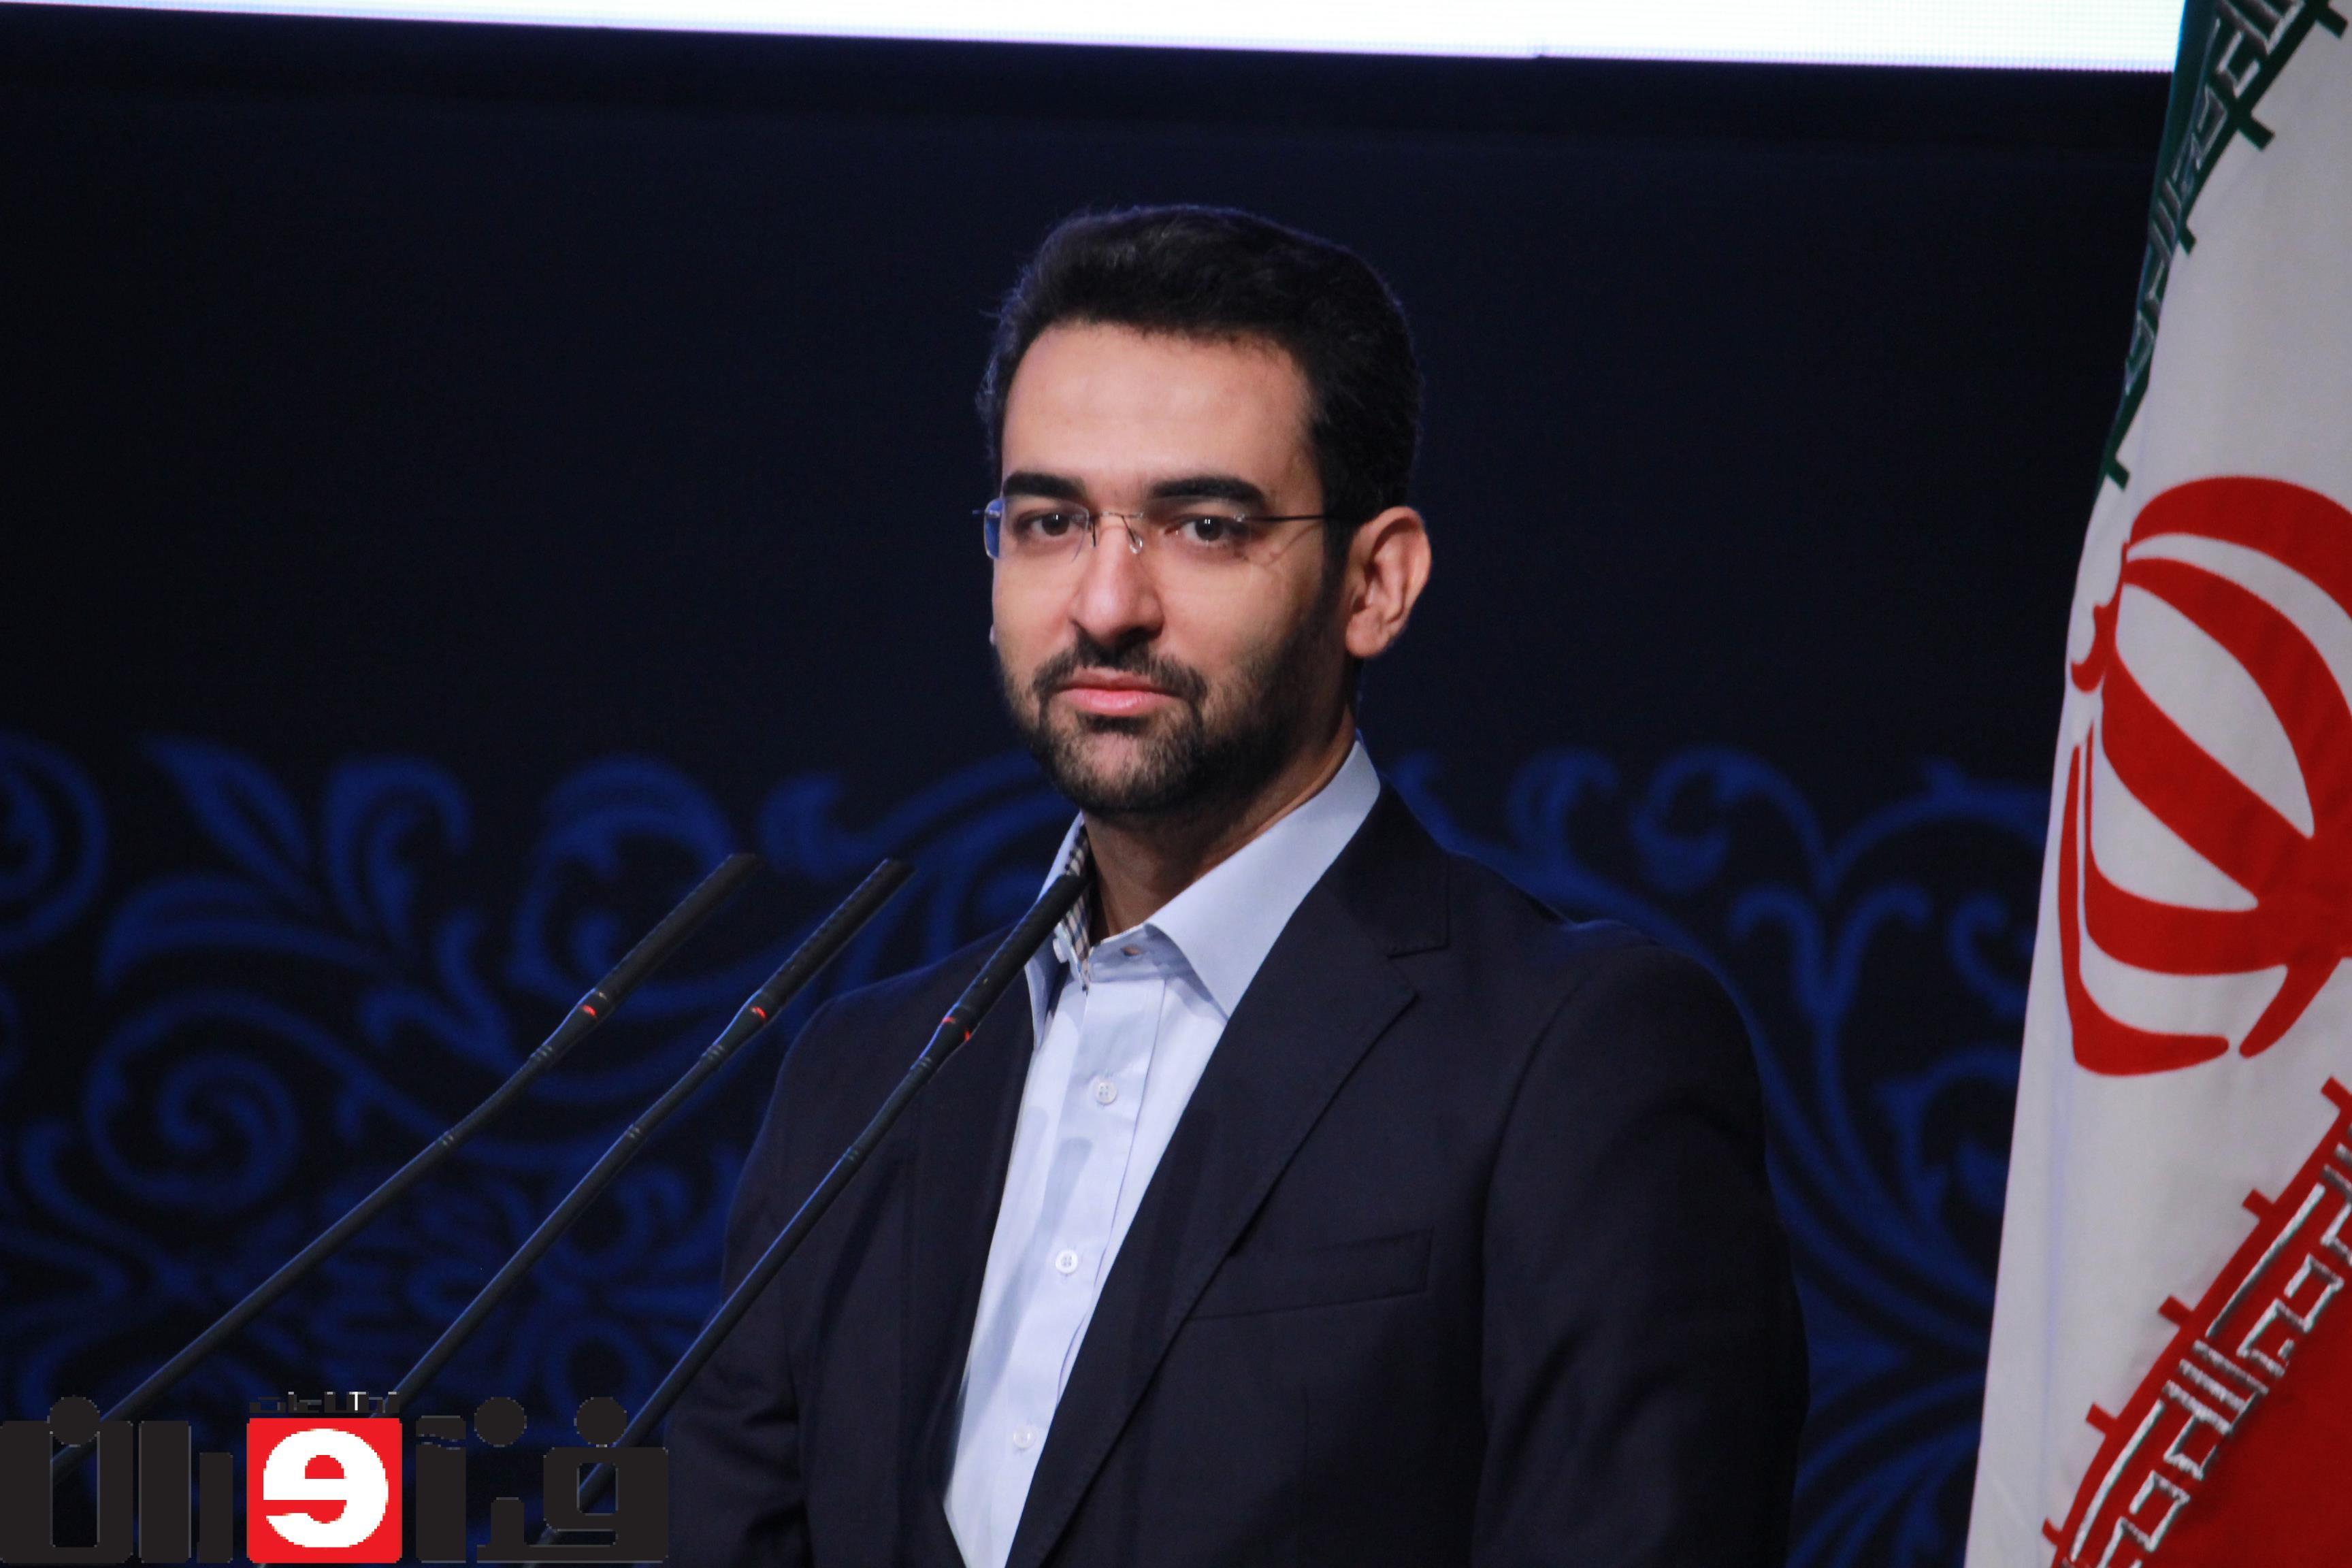 آذری جهرمی: وزارت ارتباطات در حوزه پیام رسان ها مجری بخشی از موضوعات است